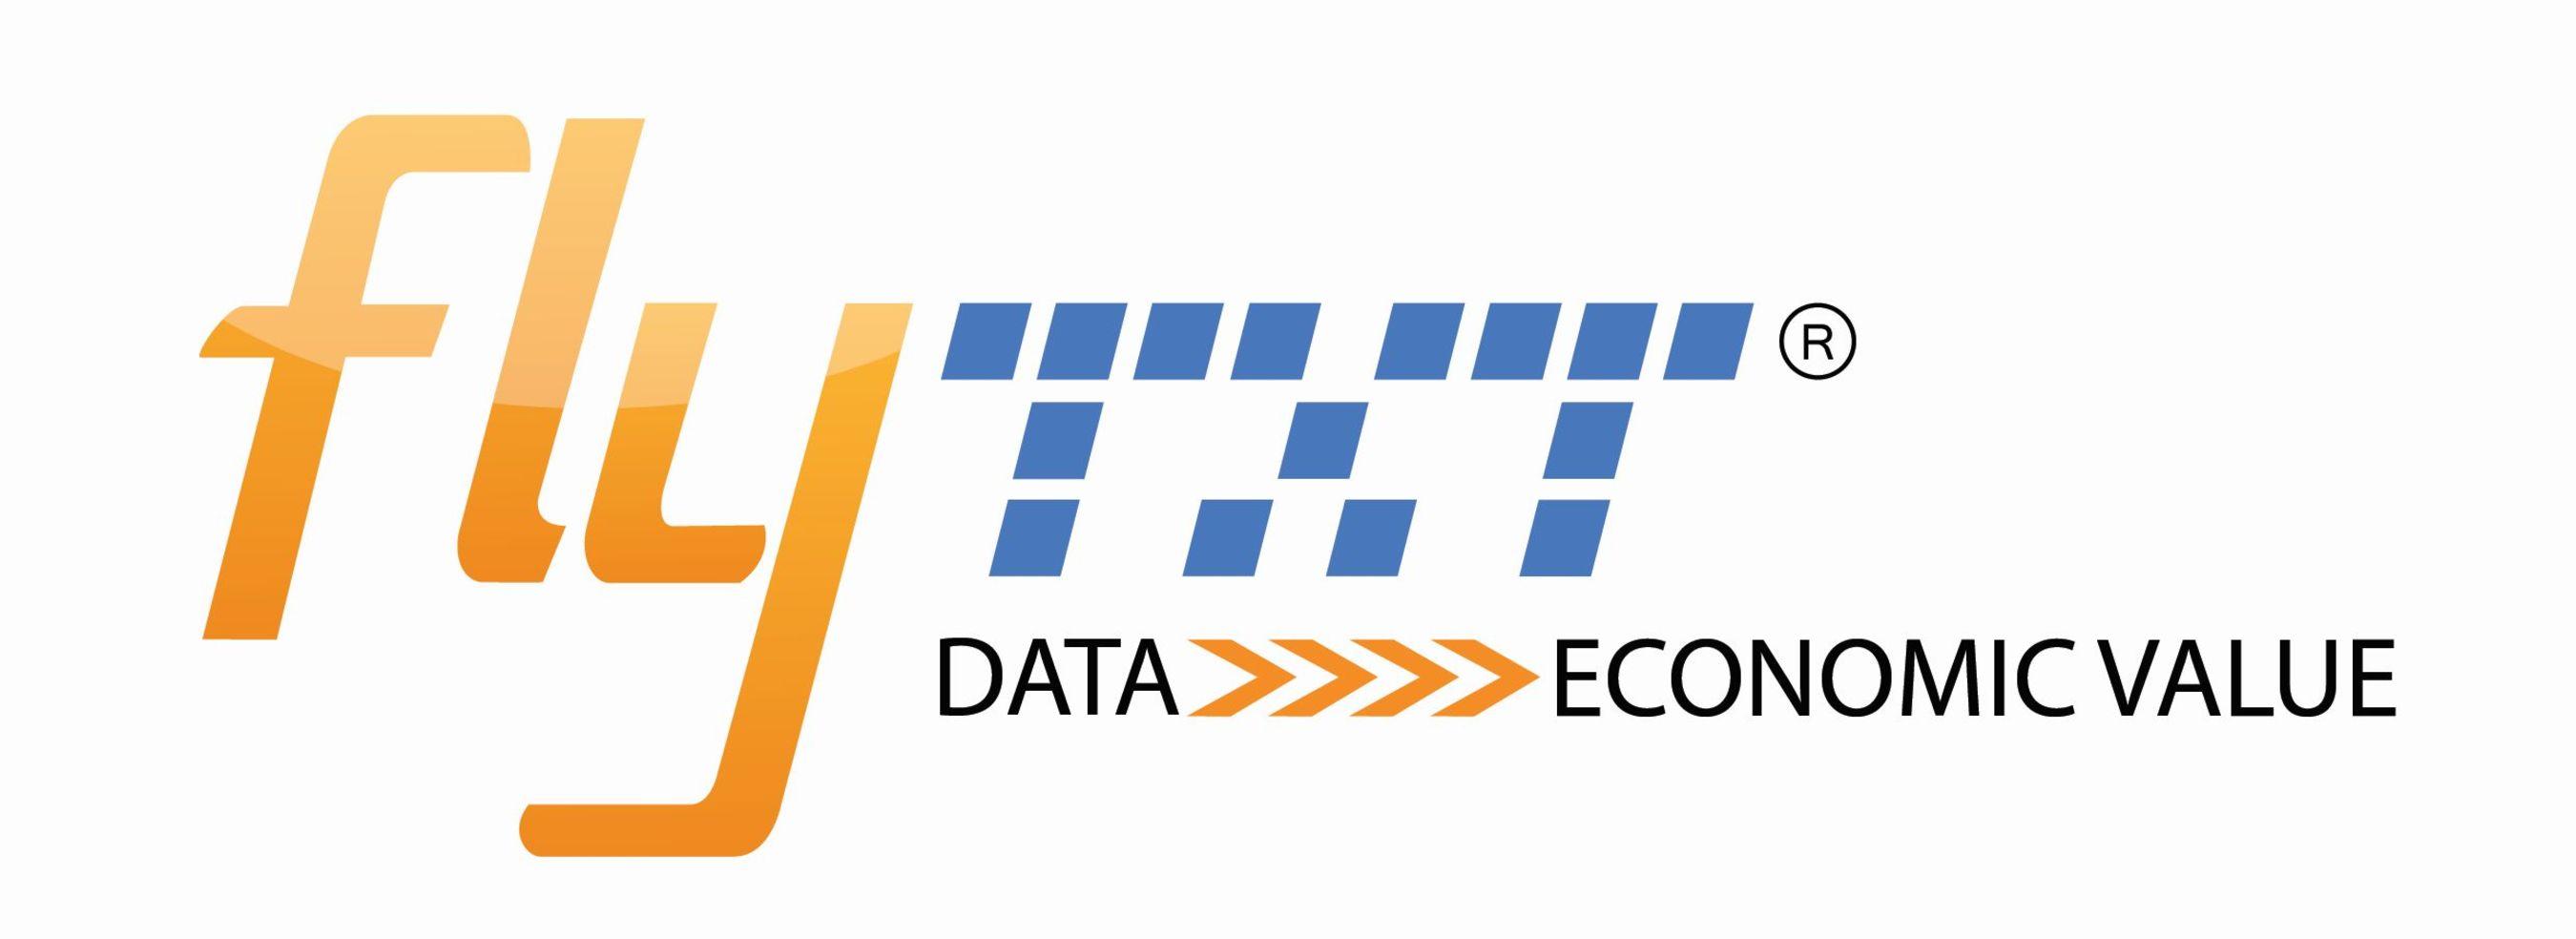 PR NEWSWIRE INDIA - Flytxt Logo (PRNewsFoto/Flytxt)